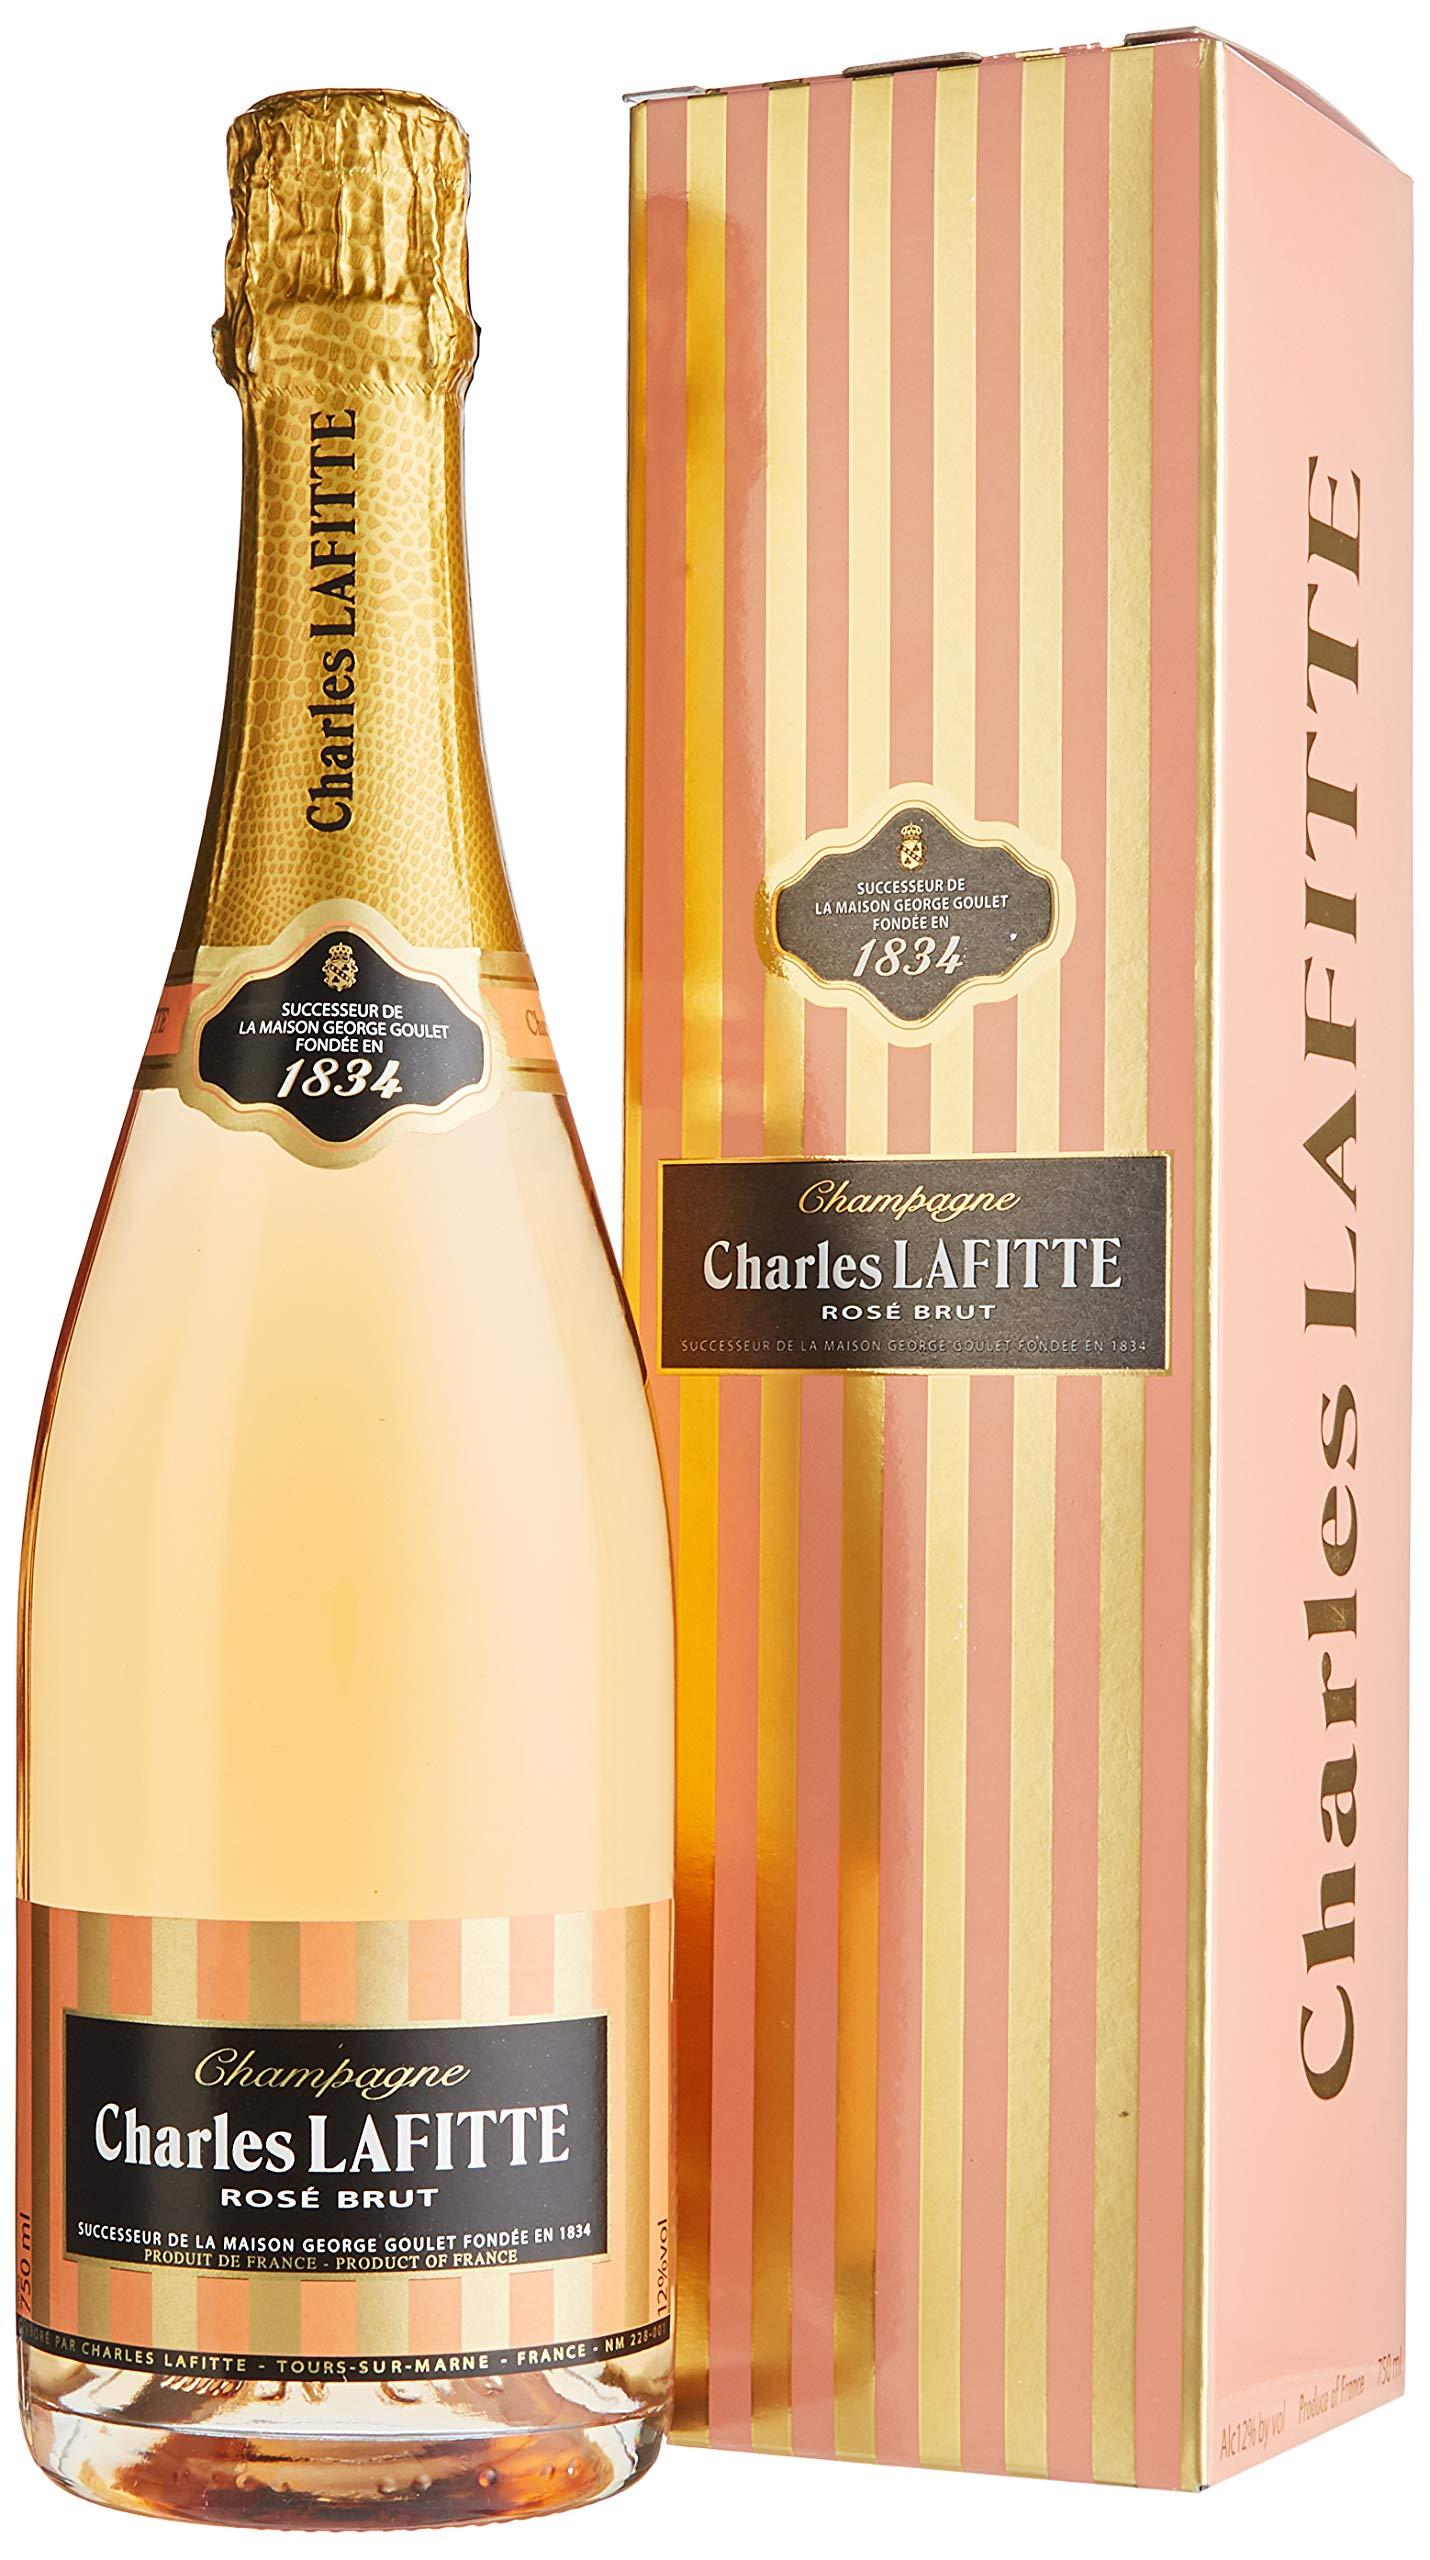 Champagne-Charles-Lafitte-1834-Brut-Ros-mit-Geschenkverpackung-1-x-075-l